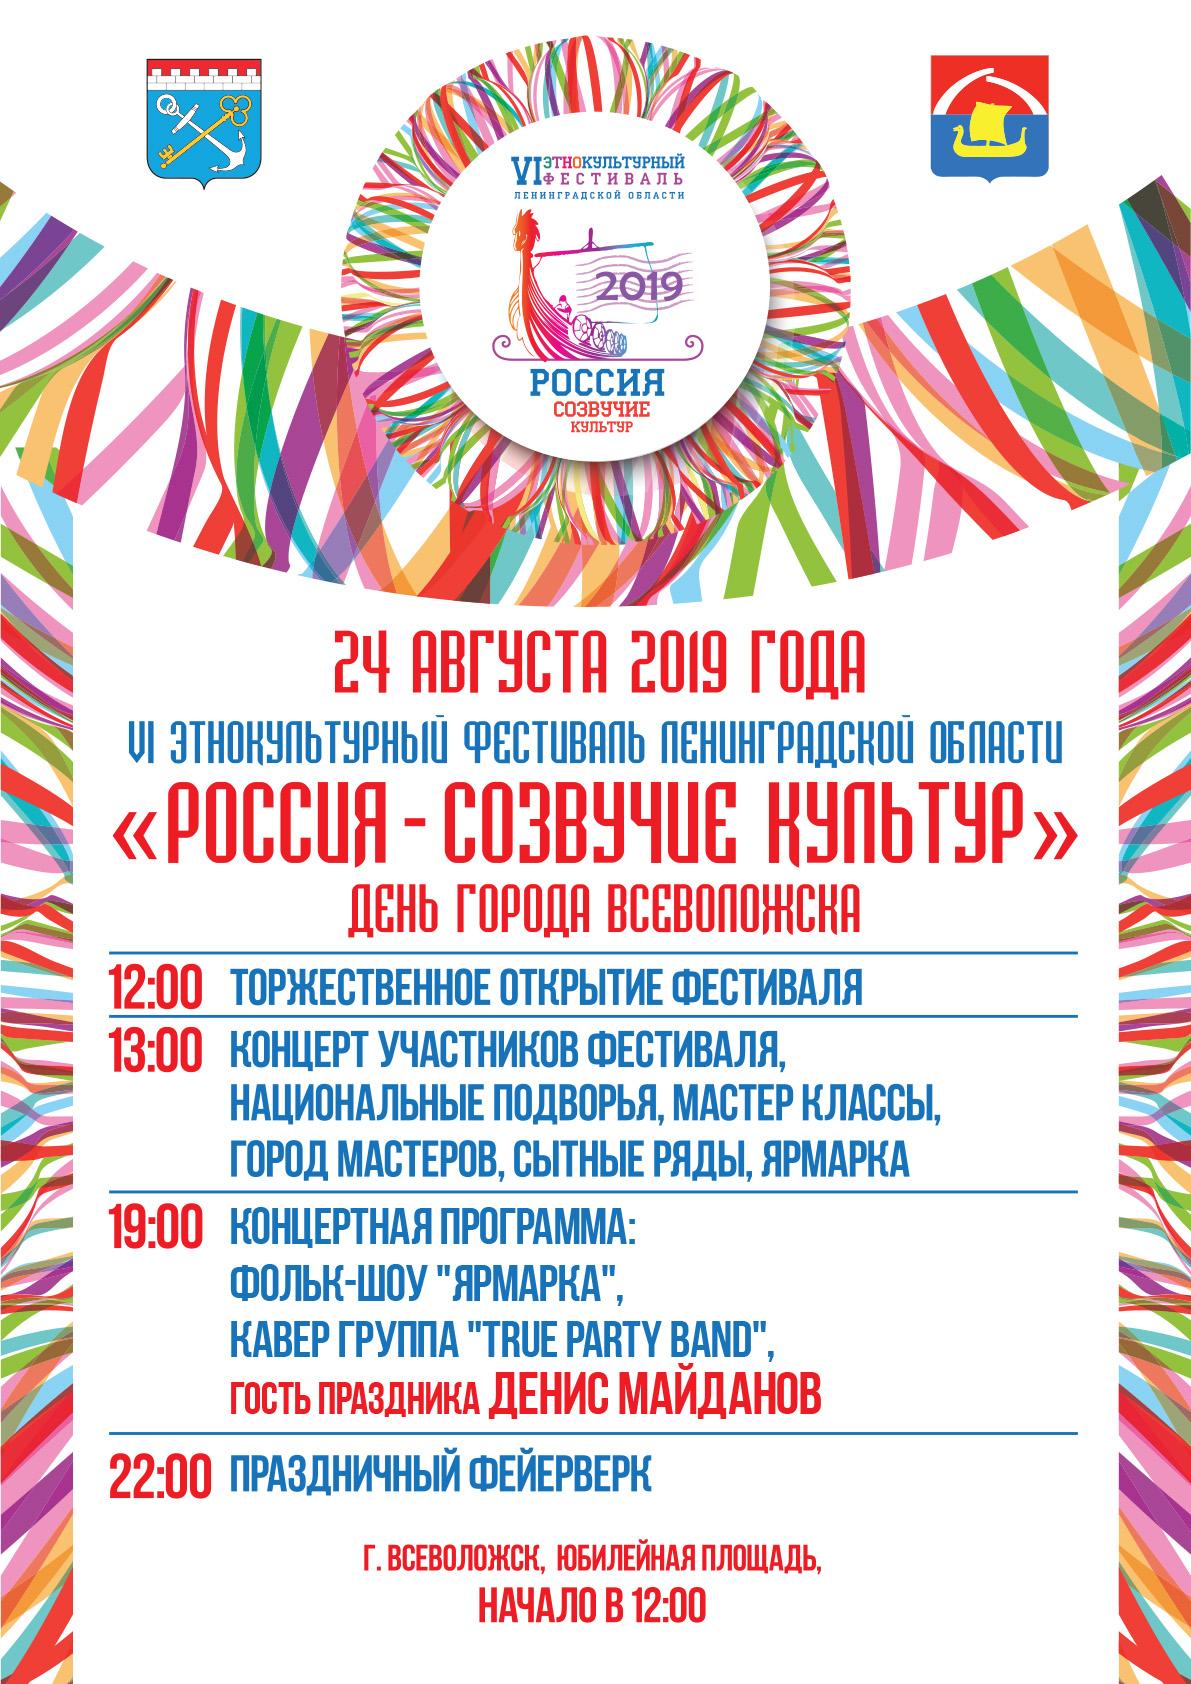 VI Этнокультурный фестиваль Ленинградской области @ Юбилейная площадь